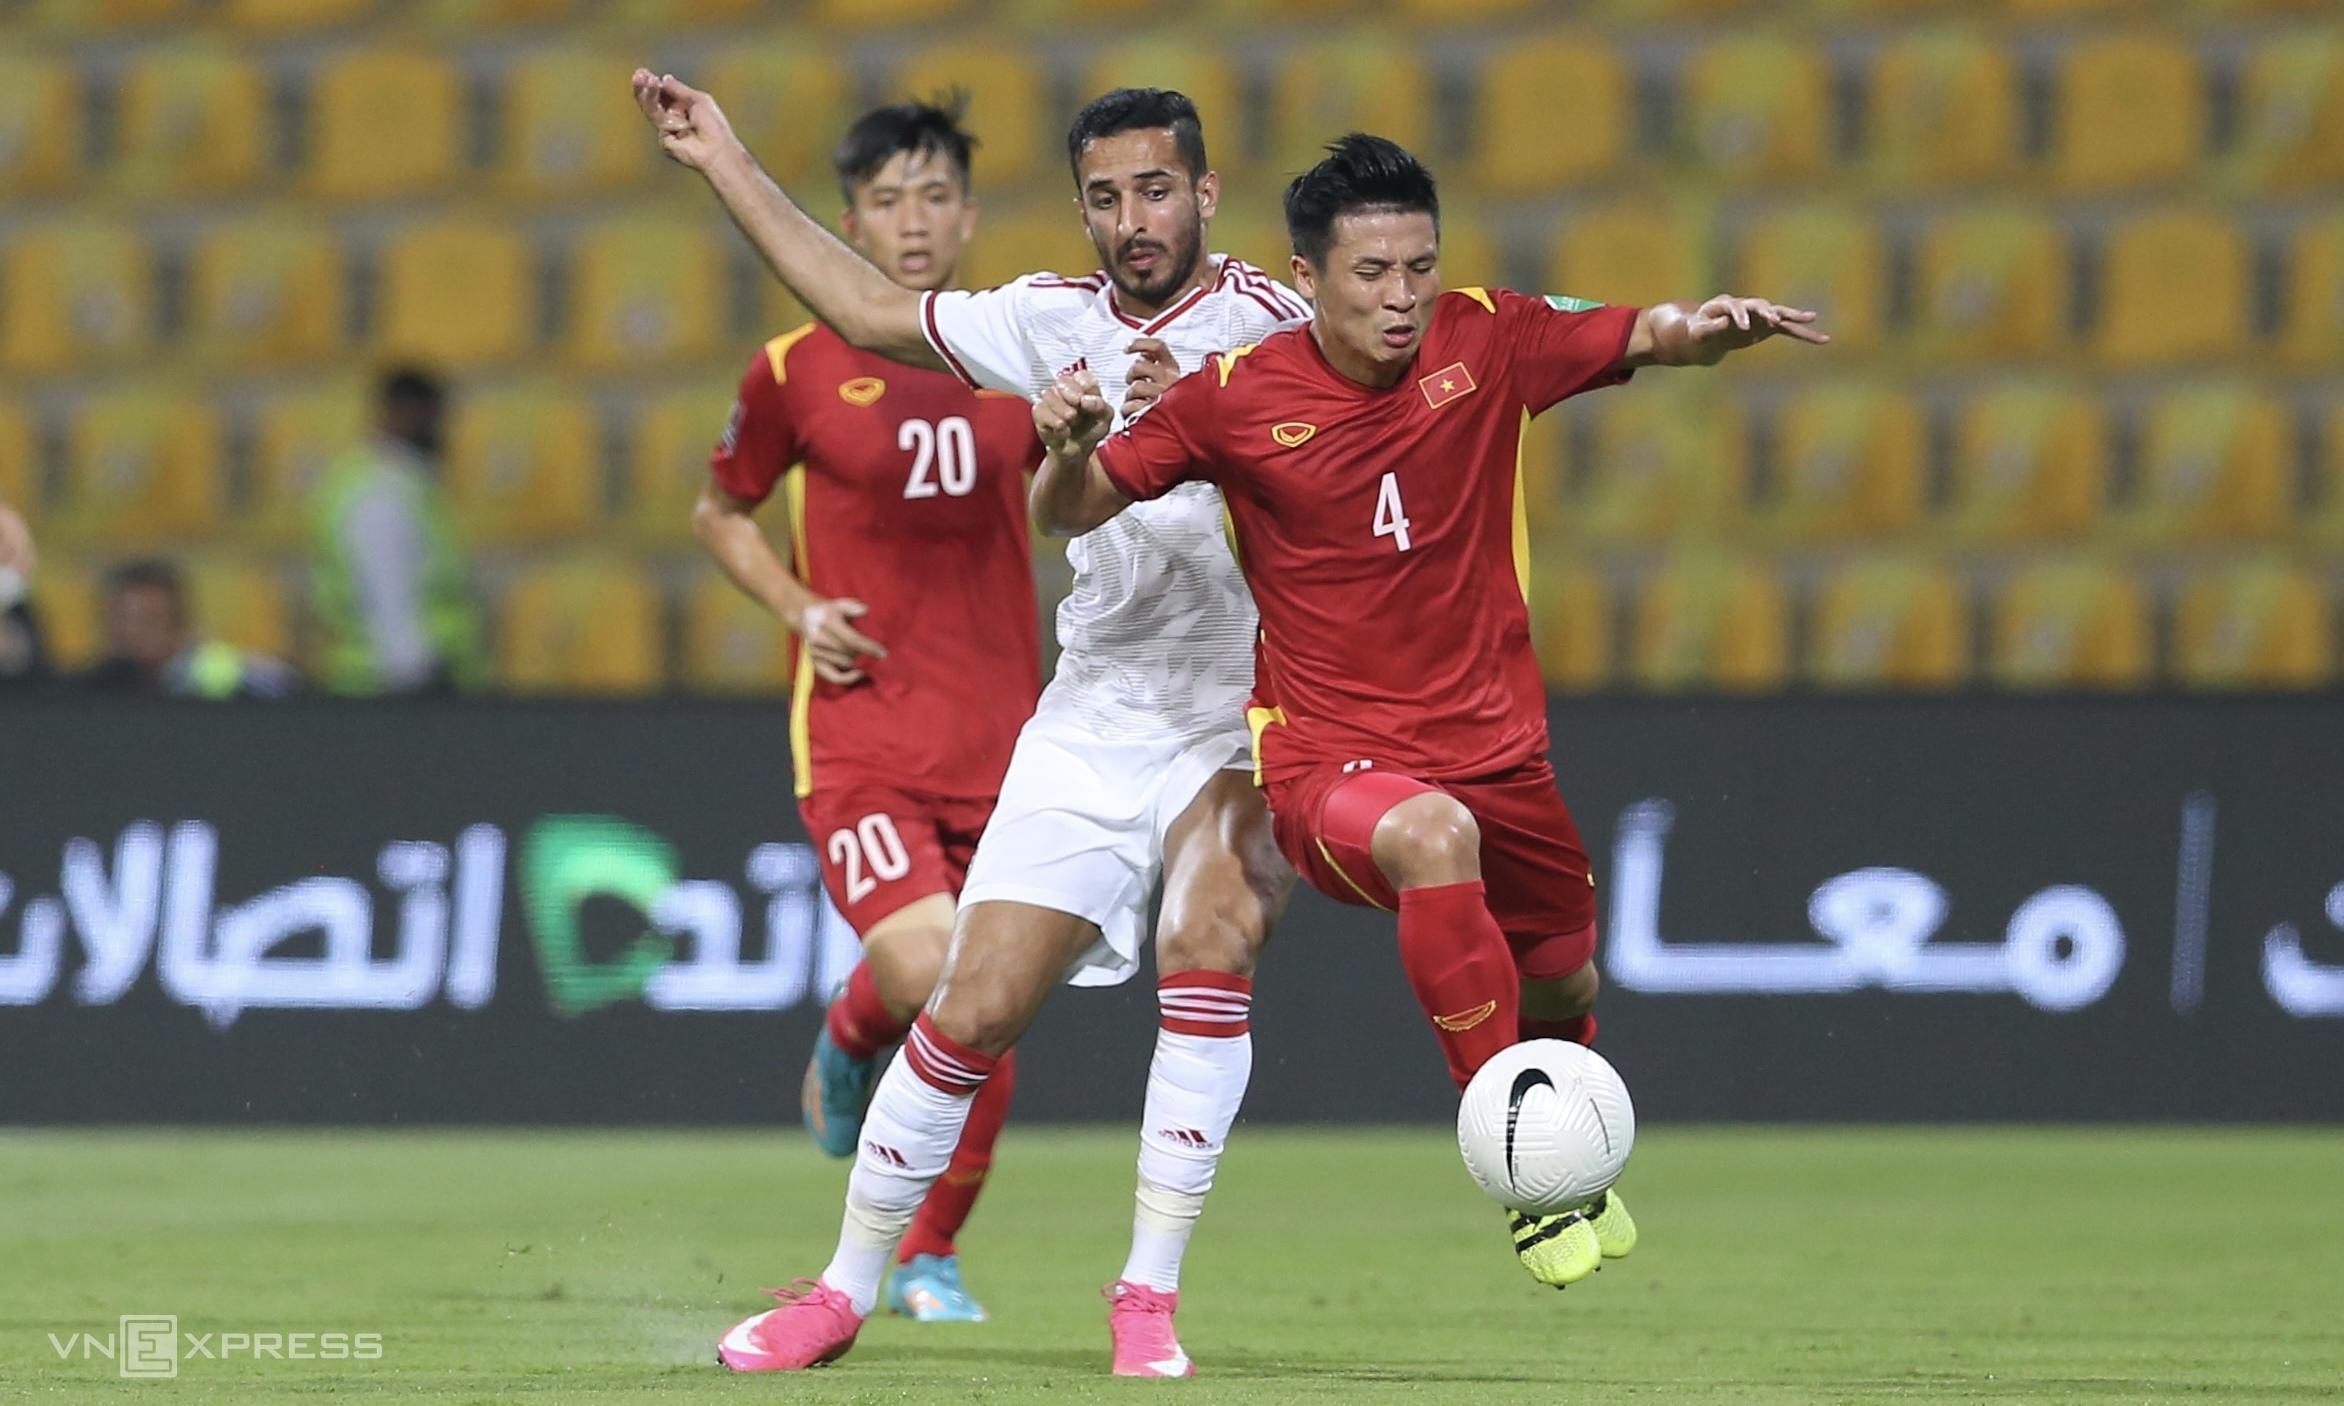 """สหรัฐอาหรับเอมิเรตส์ชนะเวียดนาม 3-2 เพื่อขึ้นเป็นจ่าฝูงของกลุ่ม G ของรอบคัดเลือกรอบที่สองของการแข่งขันฟุตบอลโลกปี 2022 เมื่อวันที่ 15 มิถุนายน แต่การกลับมารวมตัวกับสหรัฐอาหรับเอมิเรตส์ในรอบคัดเลือกที่สามจะทำให้เวียดนามสบายใจขึ้นเมื่อเทียบกับซาอุดิอาระเบีย  ภาพถ่าย: """"Lam Thua ."""""""